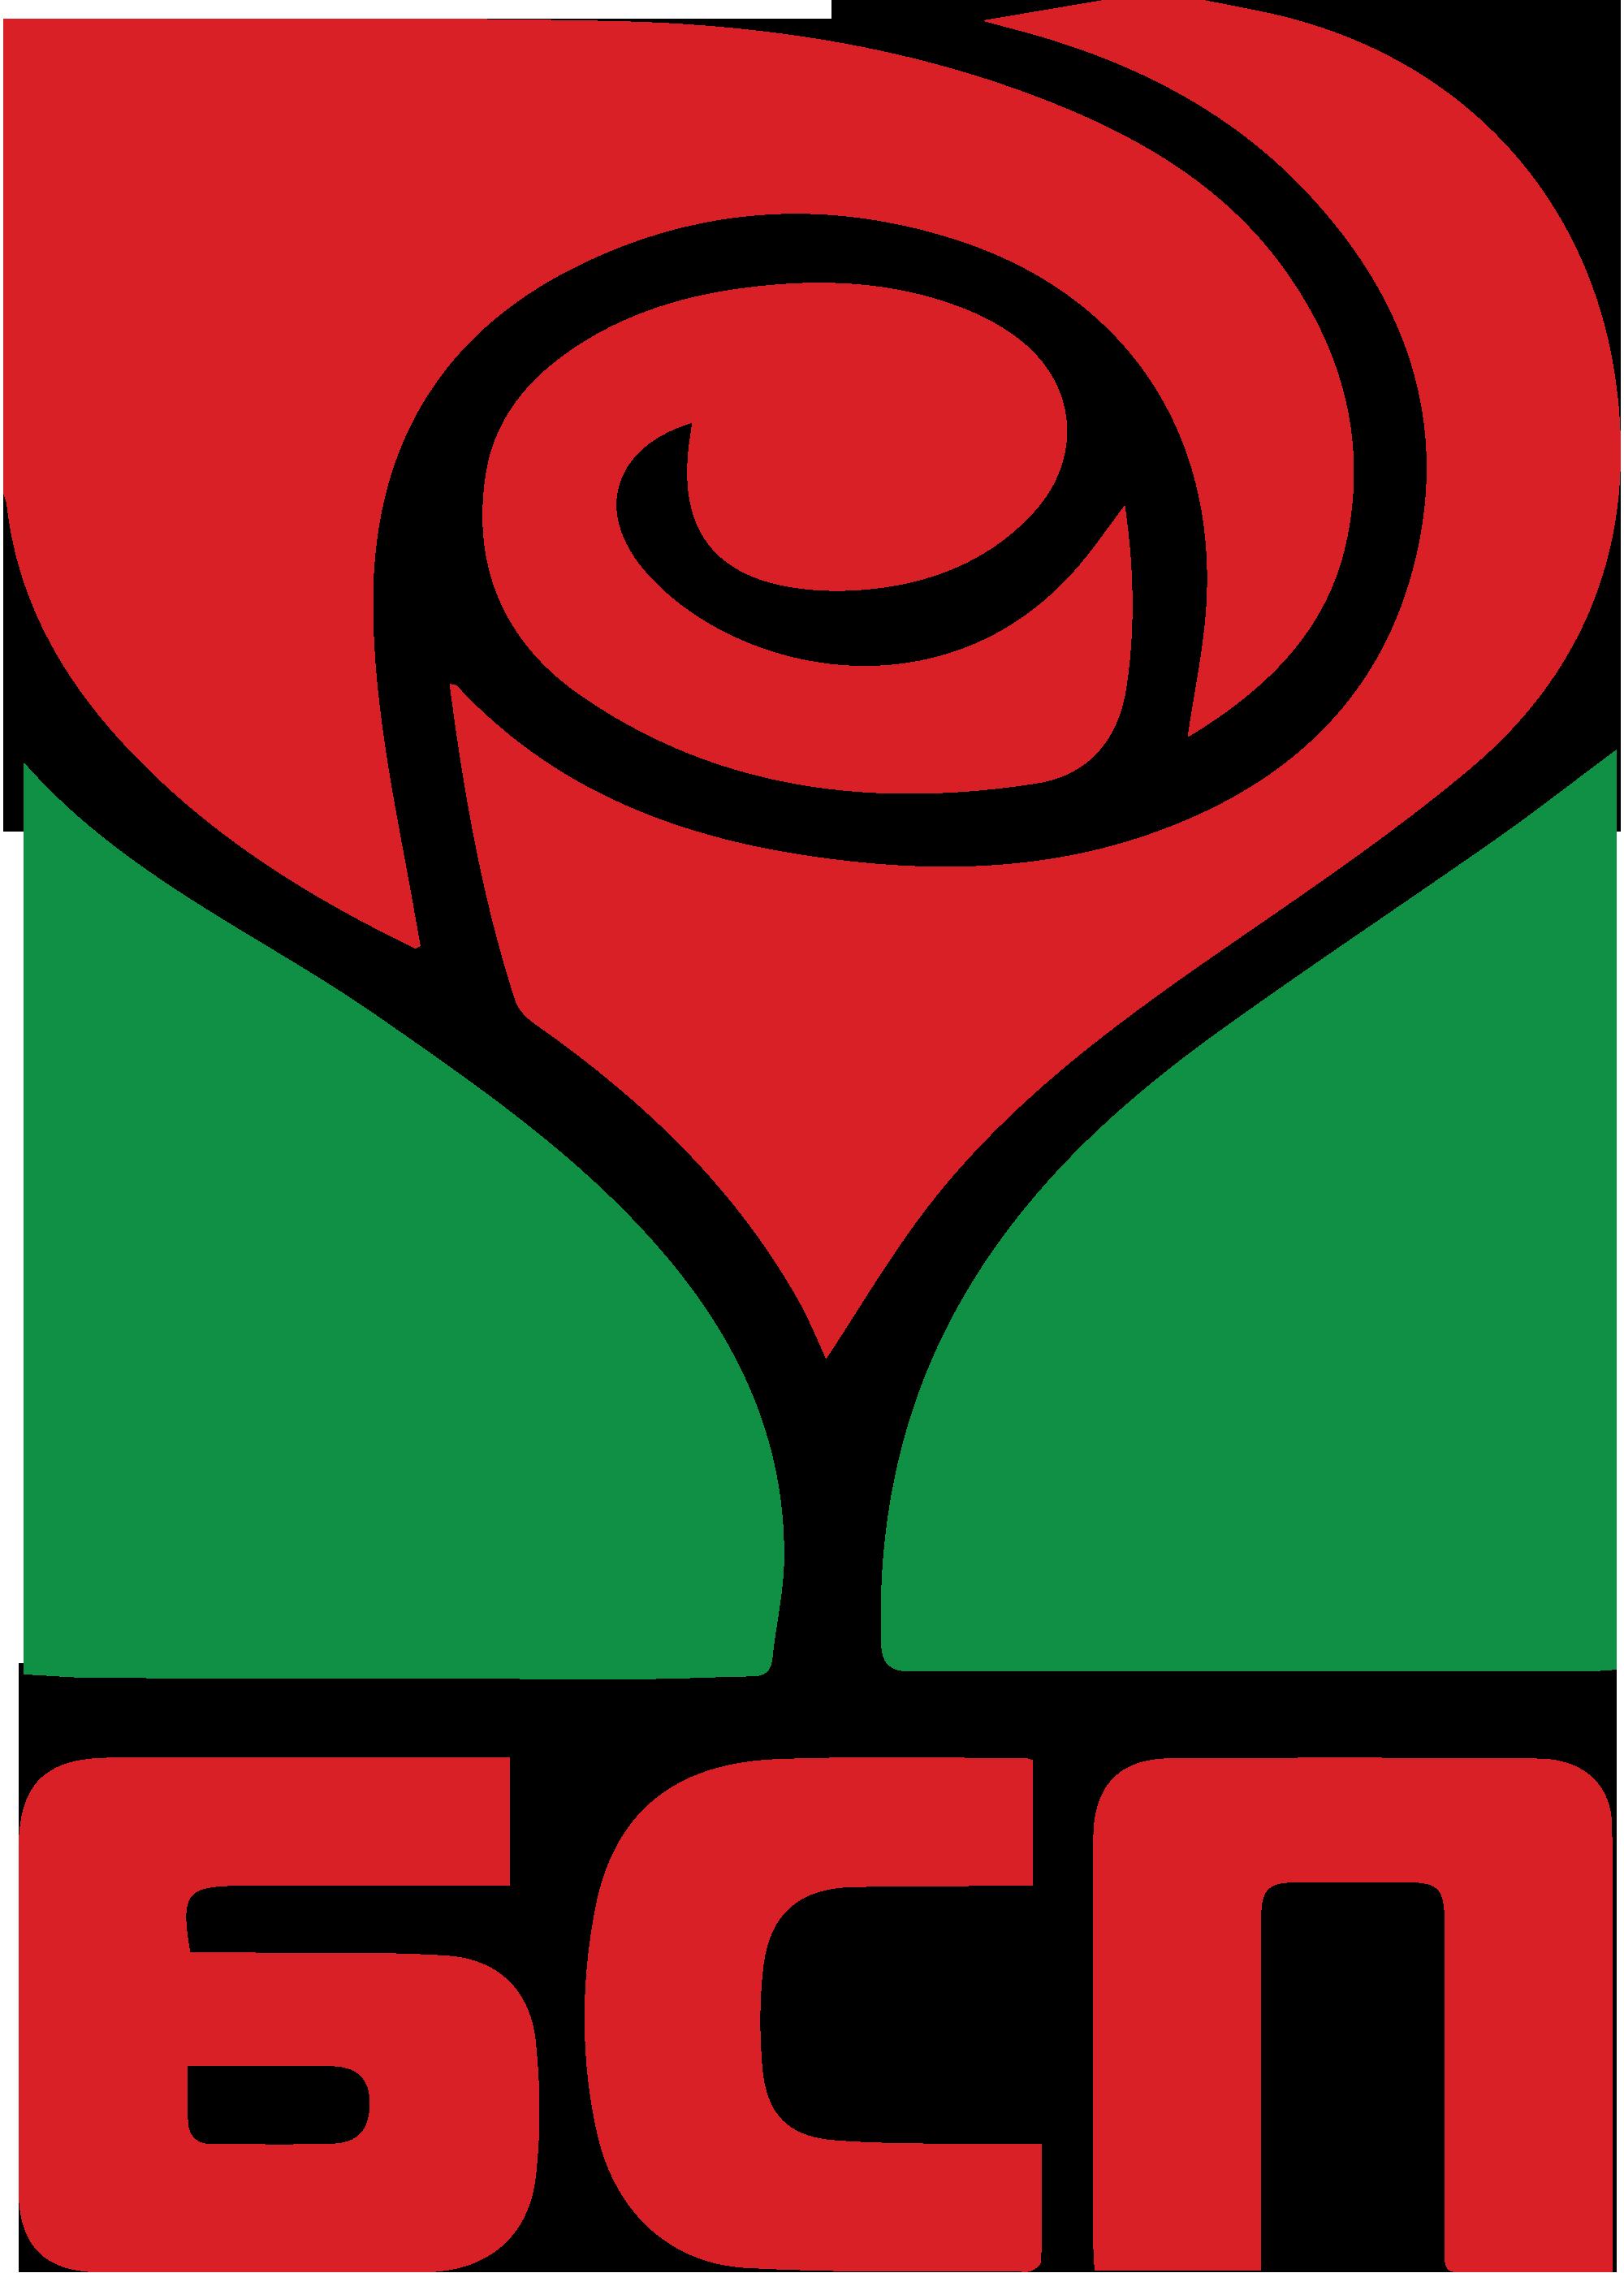 Эмблема Болгарской социалистической партии